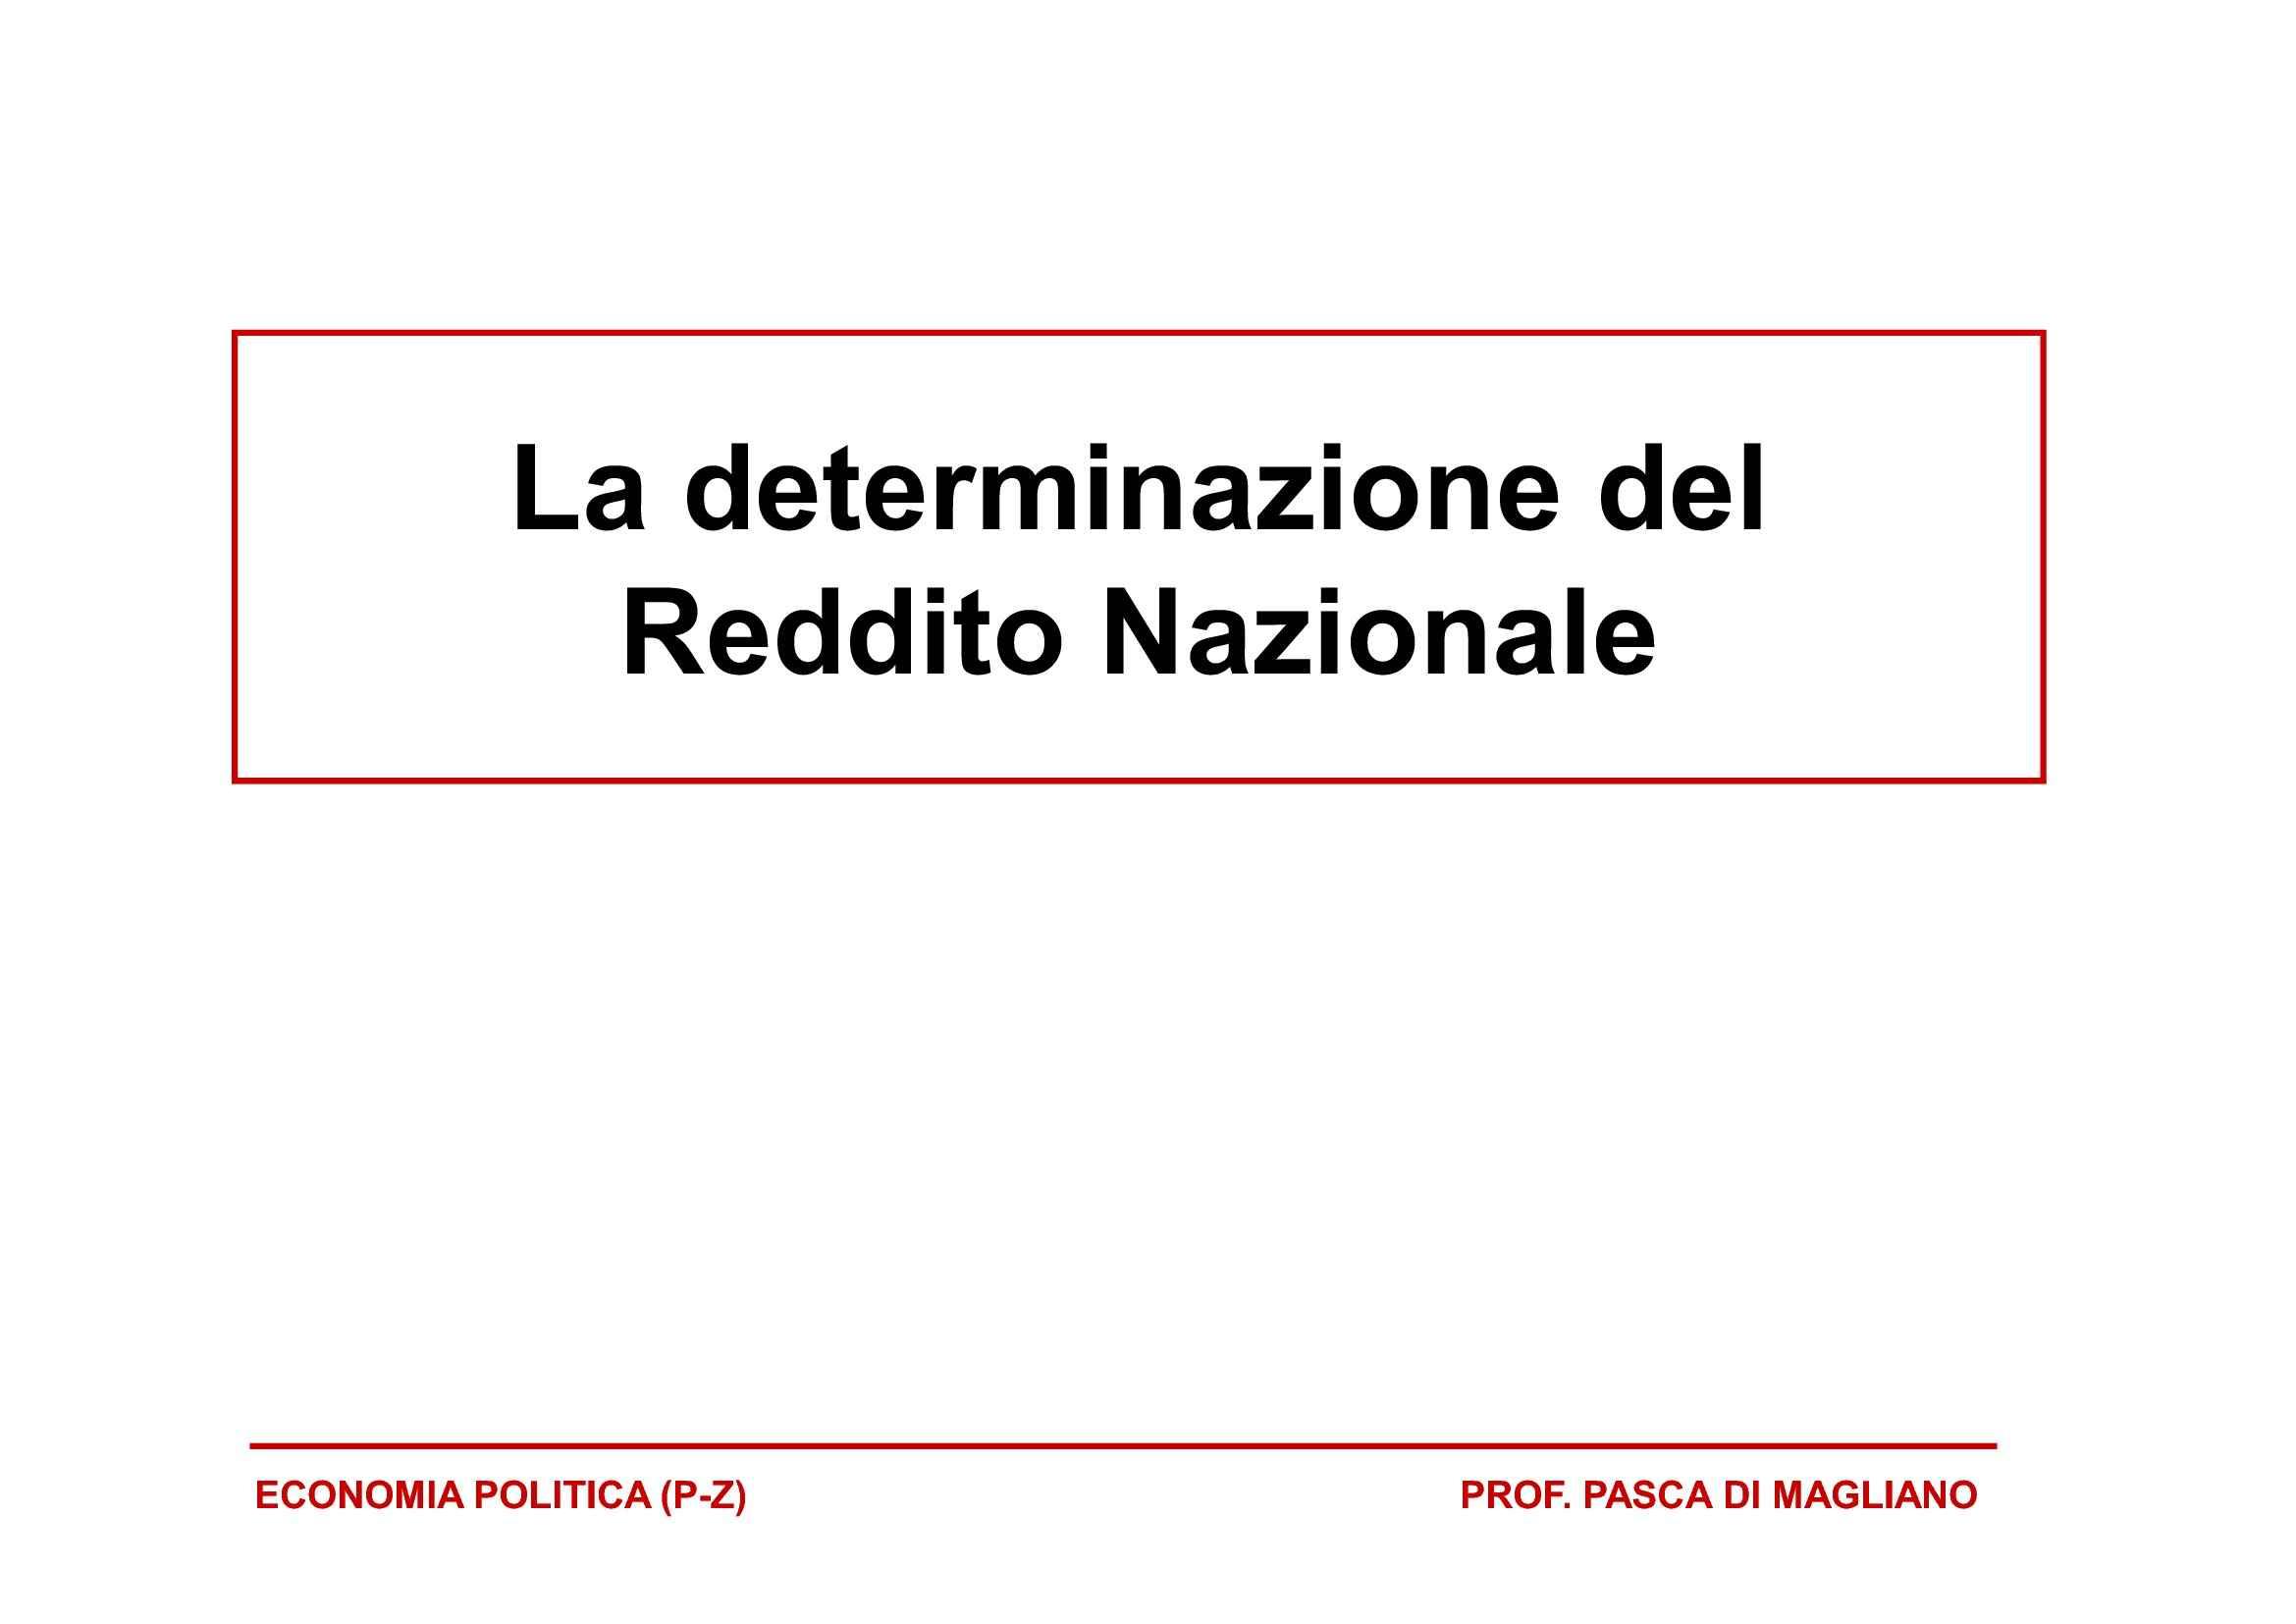 Determinazione del reddito nazionale